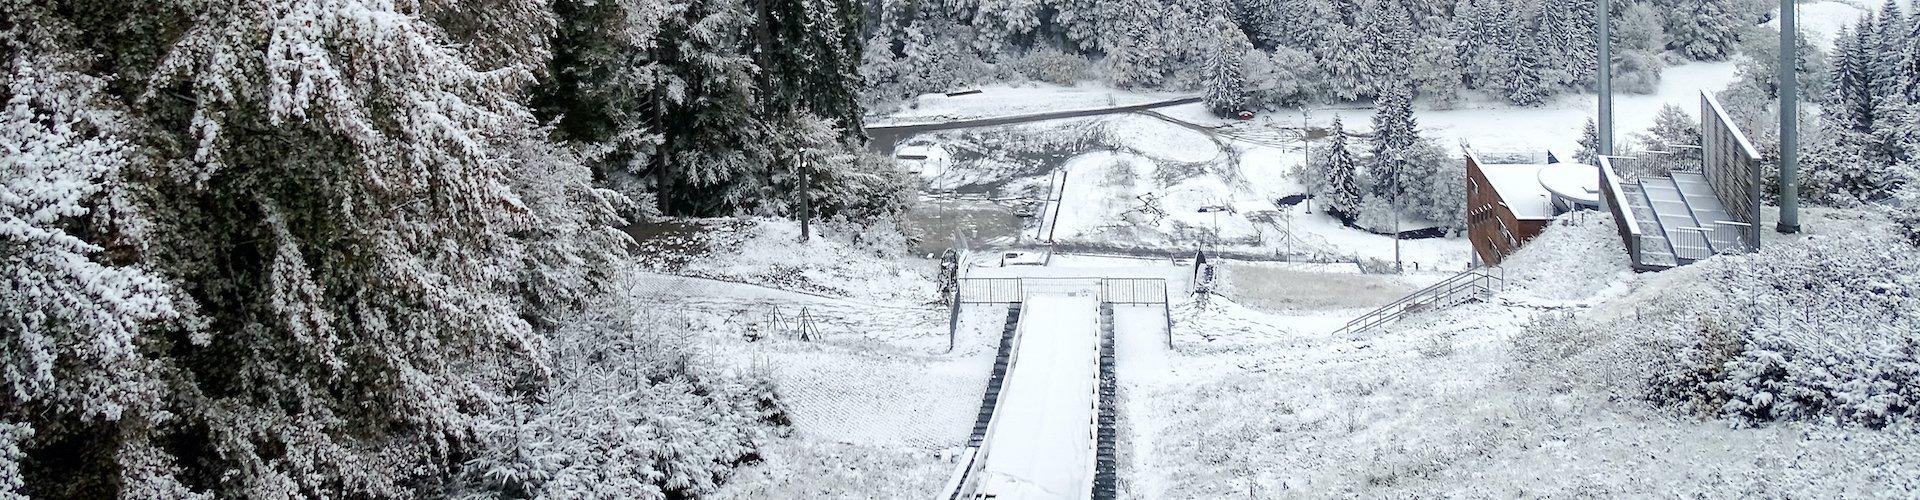 Ausflugsziel Skisprungschanze Willingen